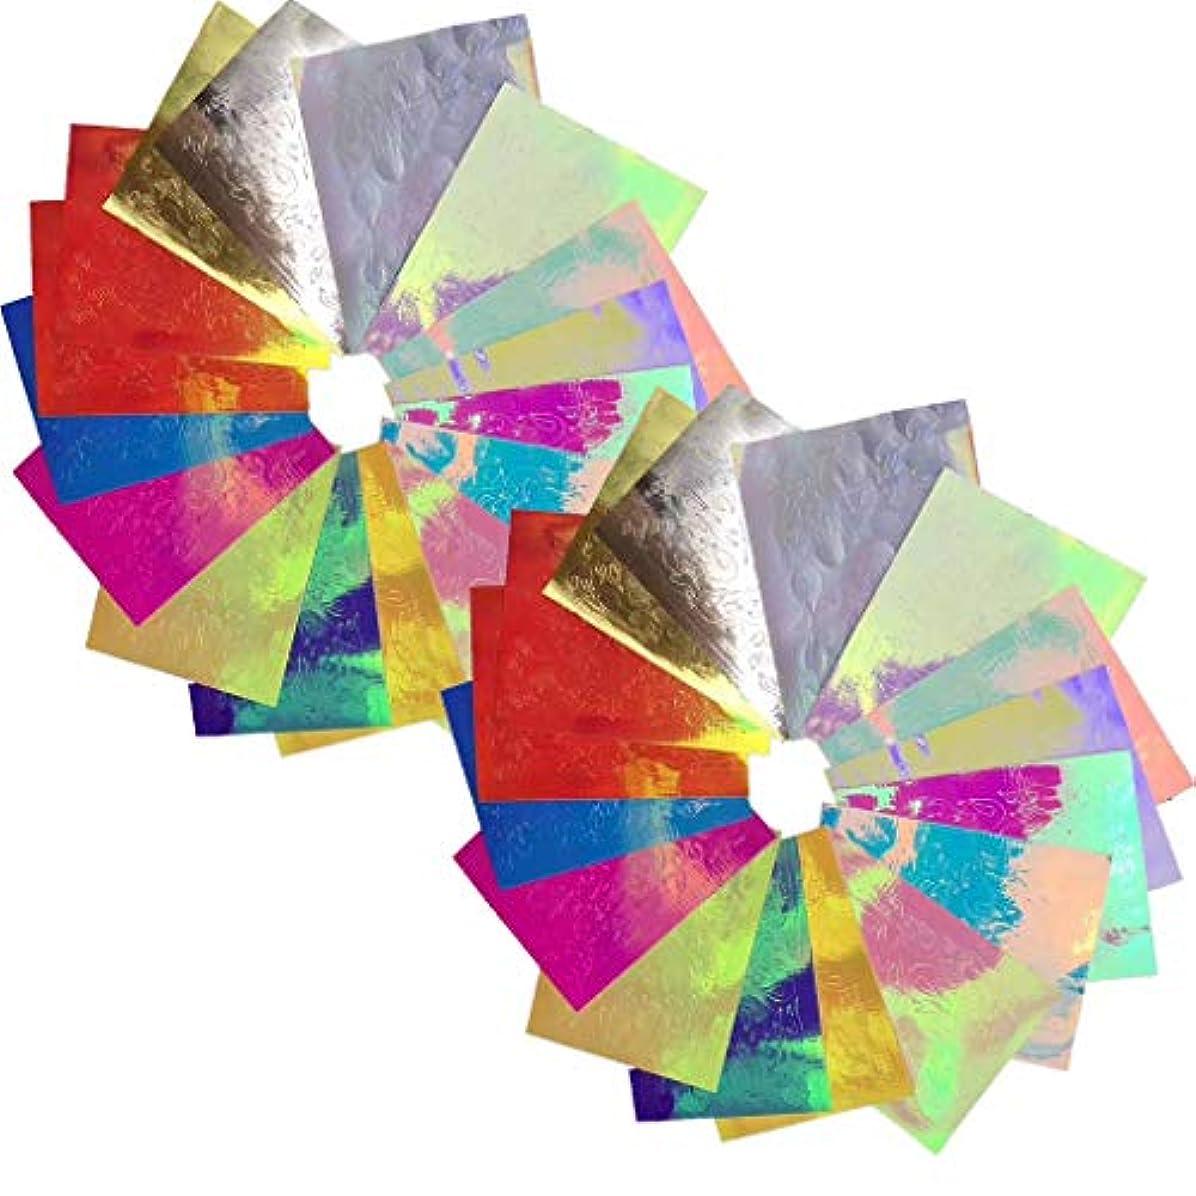 にんじん虫を数える日の出topshop ネイルステッカー貼るだけマニキュア ネイルアート ネイルラップ ネイルアクセサリー女性 レディースプレゼント ギフト 可愛い 人気 おしゃれな上級ネイルシール (8 PCS A)